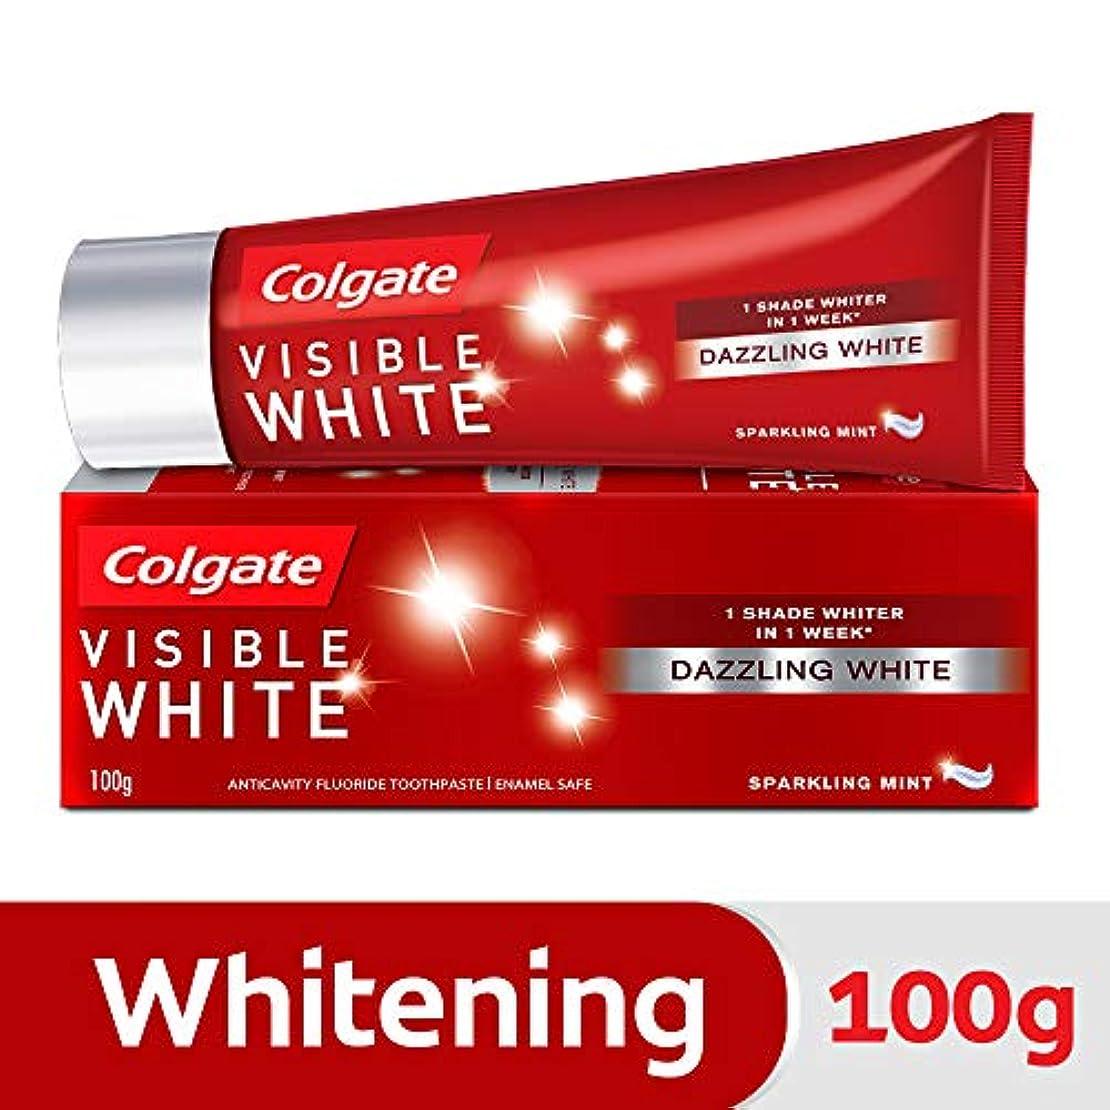 エンドウ限られたタイルColgate Visible White Dazzling White Toothpaste, Sparkling Mint - 100gm